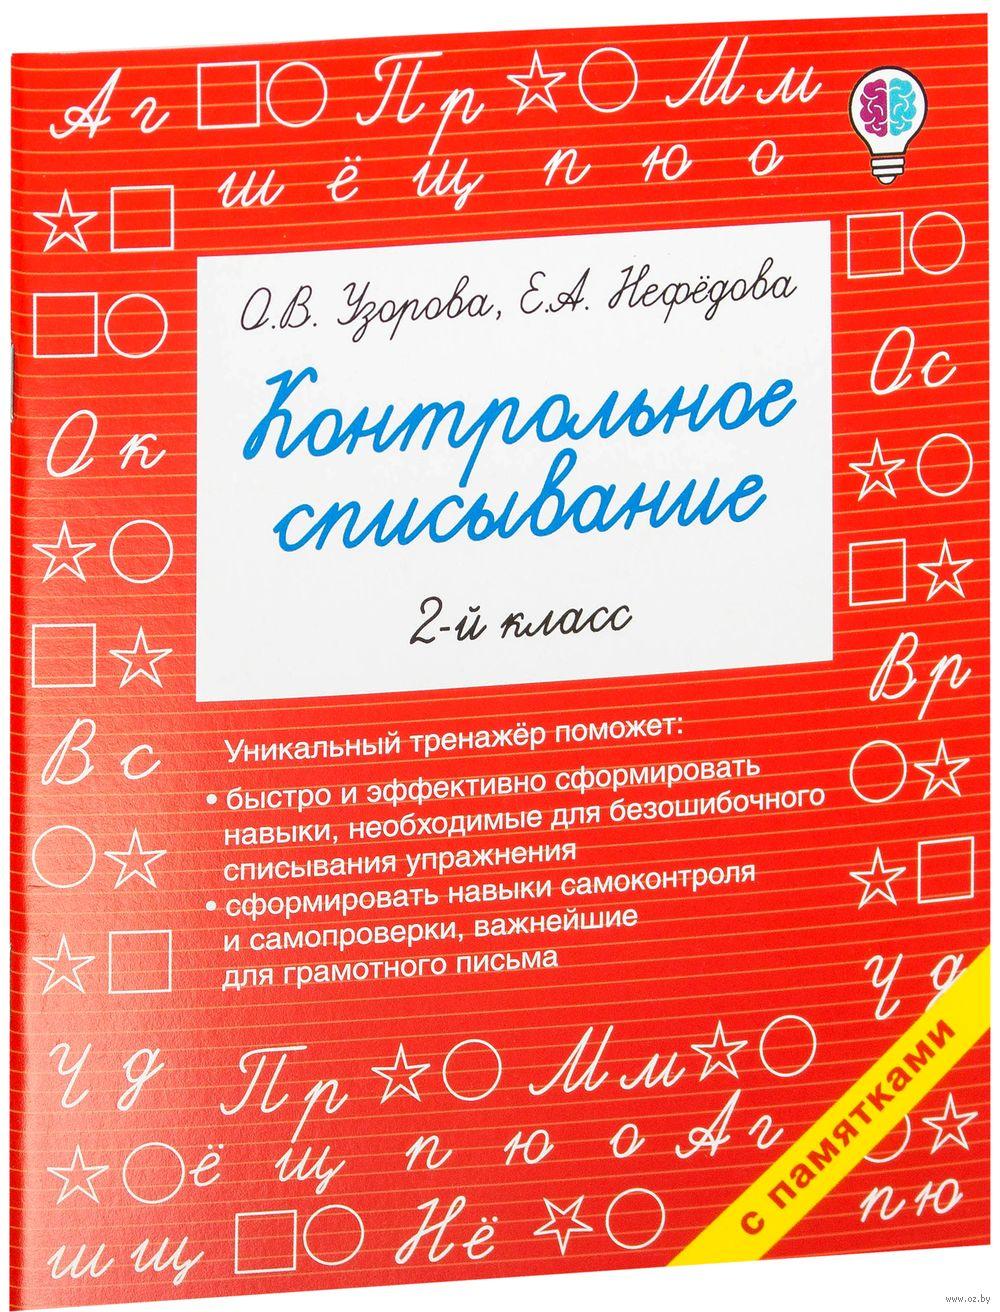 Контрольное списывание класс Елена Нефедова Ольга Узорова  Контрольное списывание 2 класс фото картинка